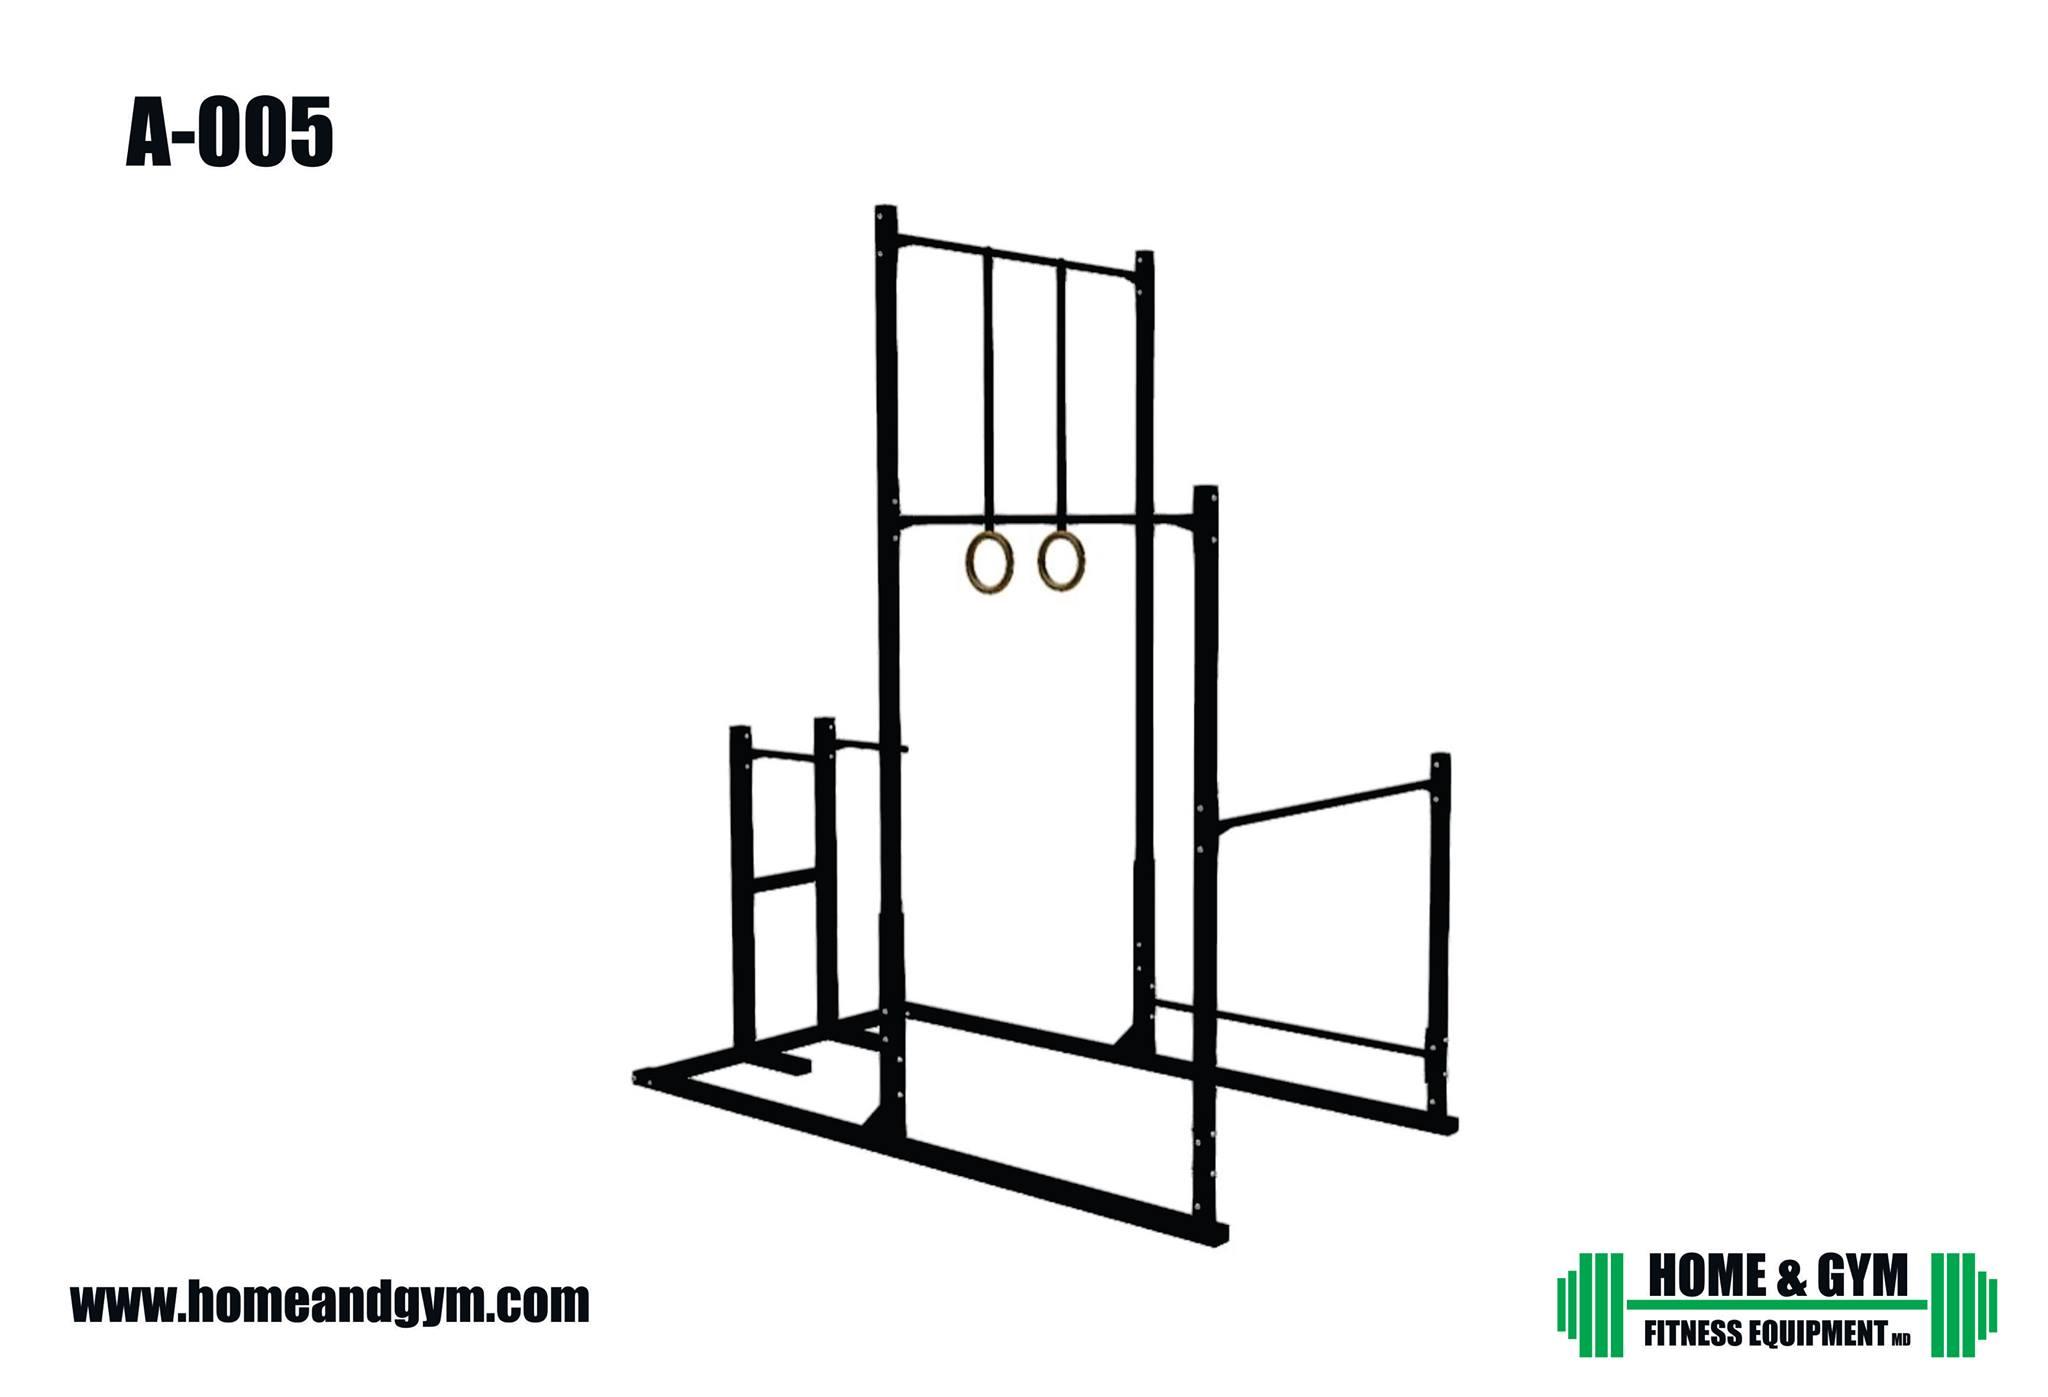 Equipos para gimnasio aparatos de gimnasia y gimnasio en - Material de gimnasio para casa ...